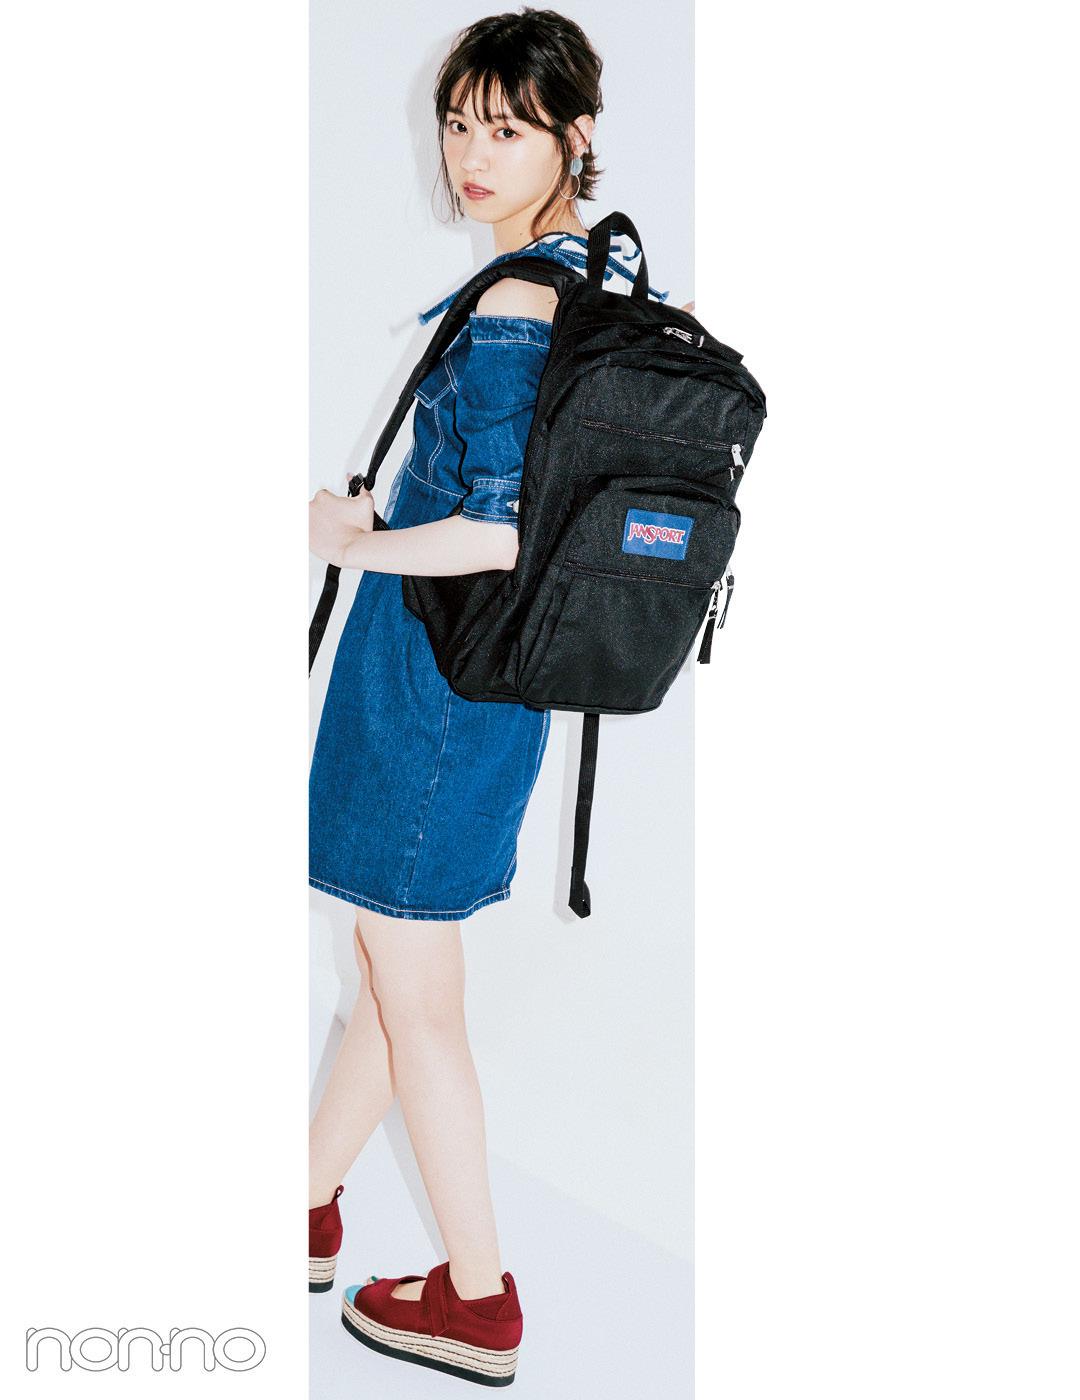 【夏のデニムコーデ】西野七瀬は、メンズっぽデザインで肌見せコーデをヘルシーに。